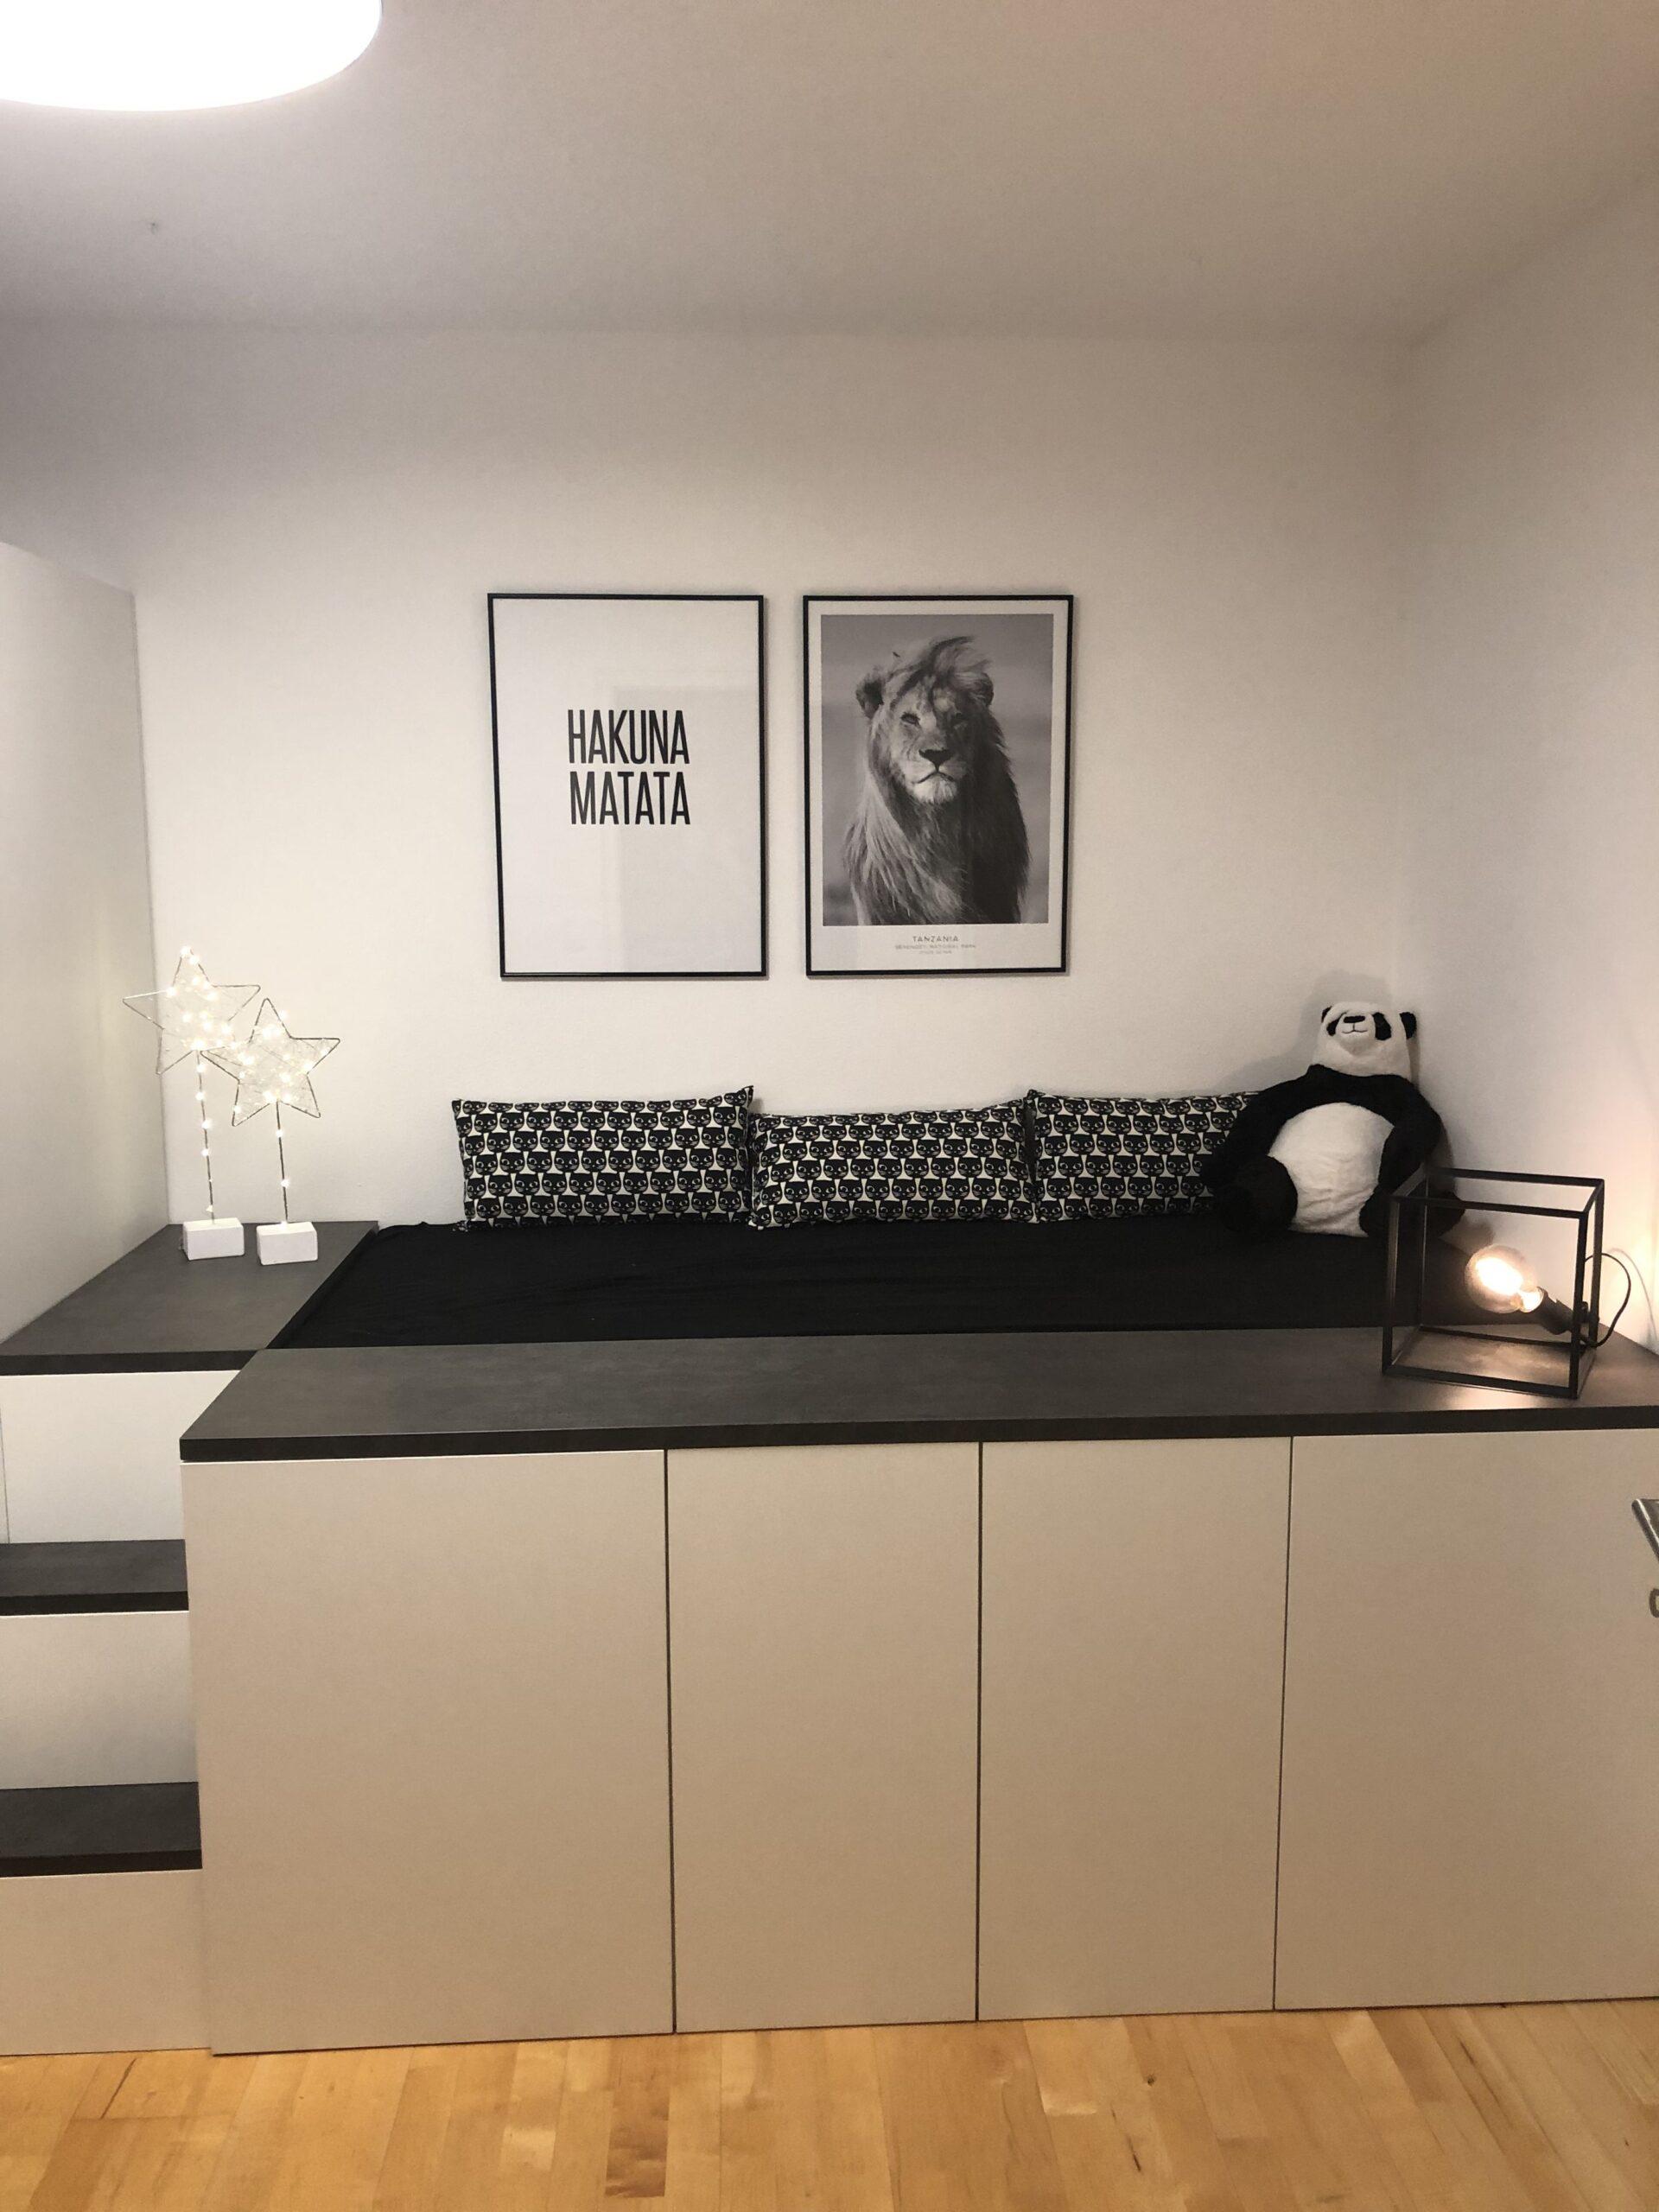 Full Size of Ikea Jugendzimmer Mit Zimmer Einrichten Sofa Küche Kosten Bett Kaufen Betten Bei 160x200 Miniküche Modulküche Schlaffunktion Wohnzimmer Ikea Jugendzimmer